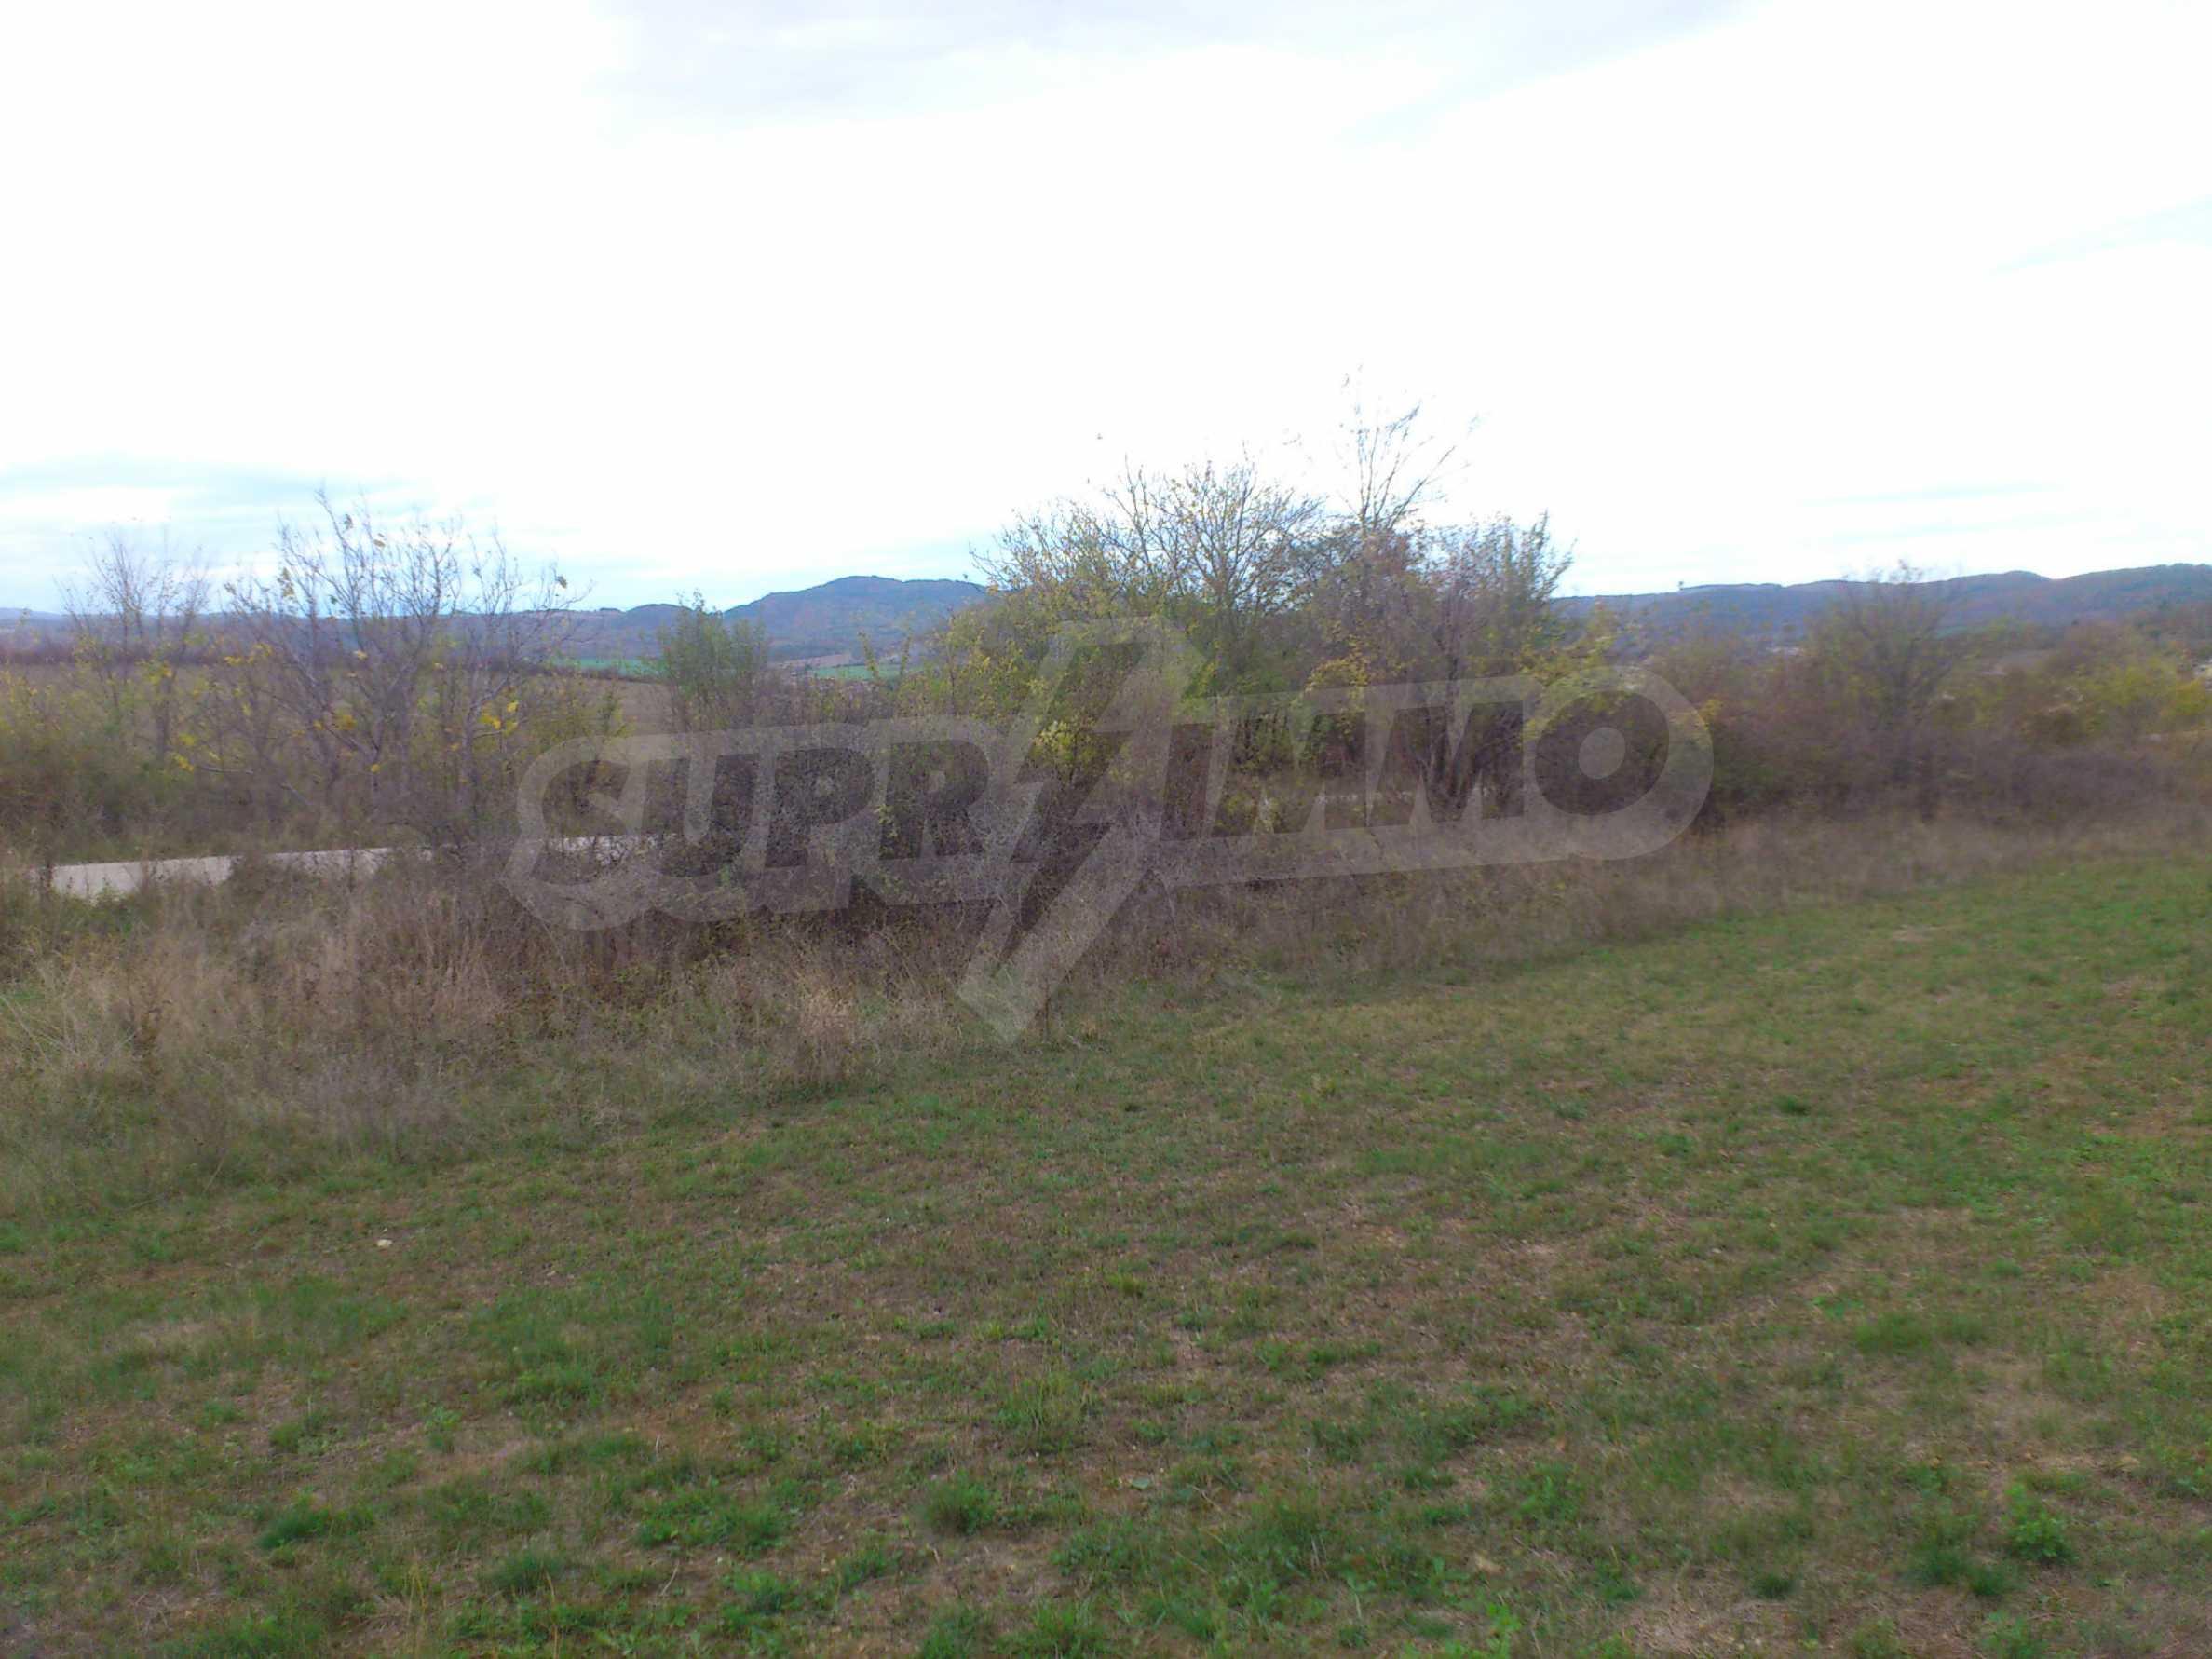 Grundstück 3 km von Veliko Tarnovo entfernt mit Blick auf eine Asphaltstraße 4